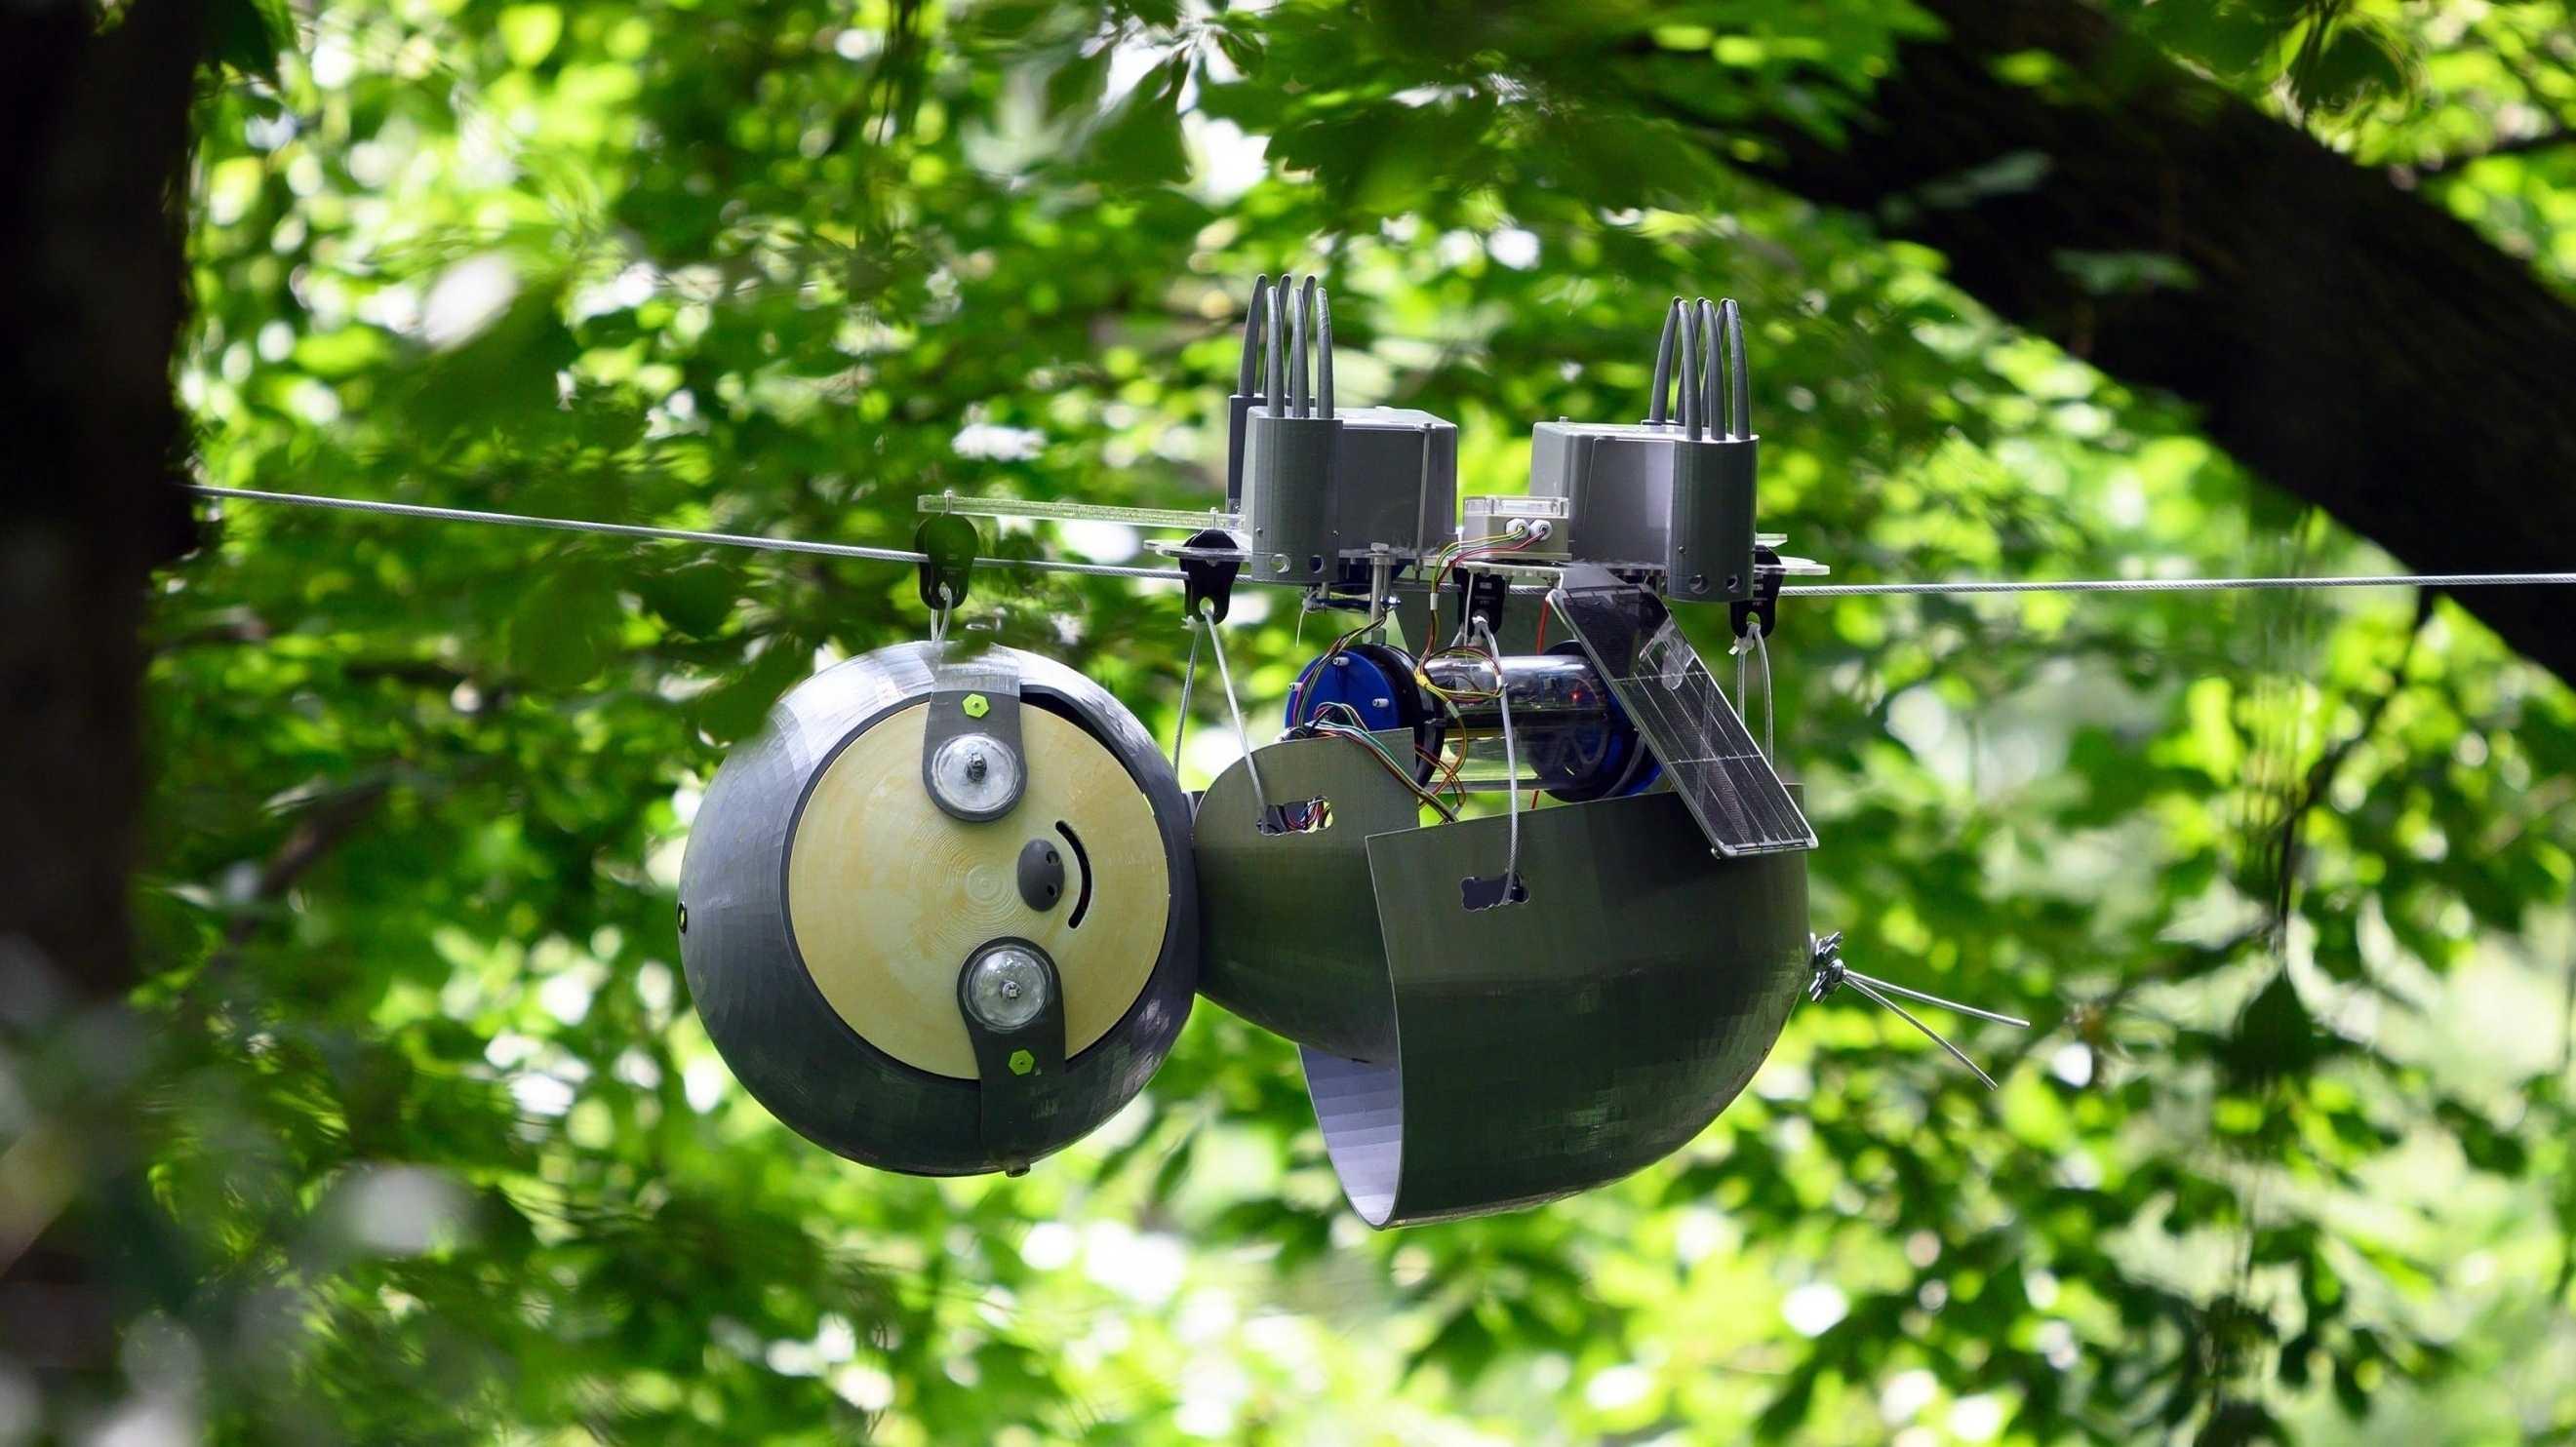 An einem Seil hängt ein Roboter mit rundem Kopf und rundem Körper, der Slothbot.